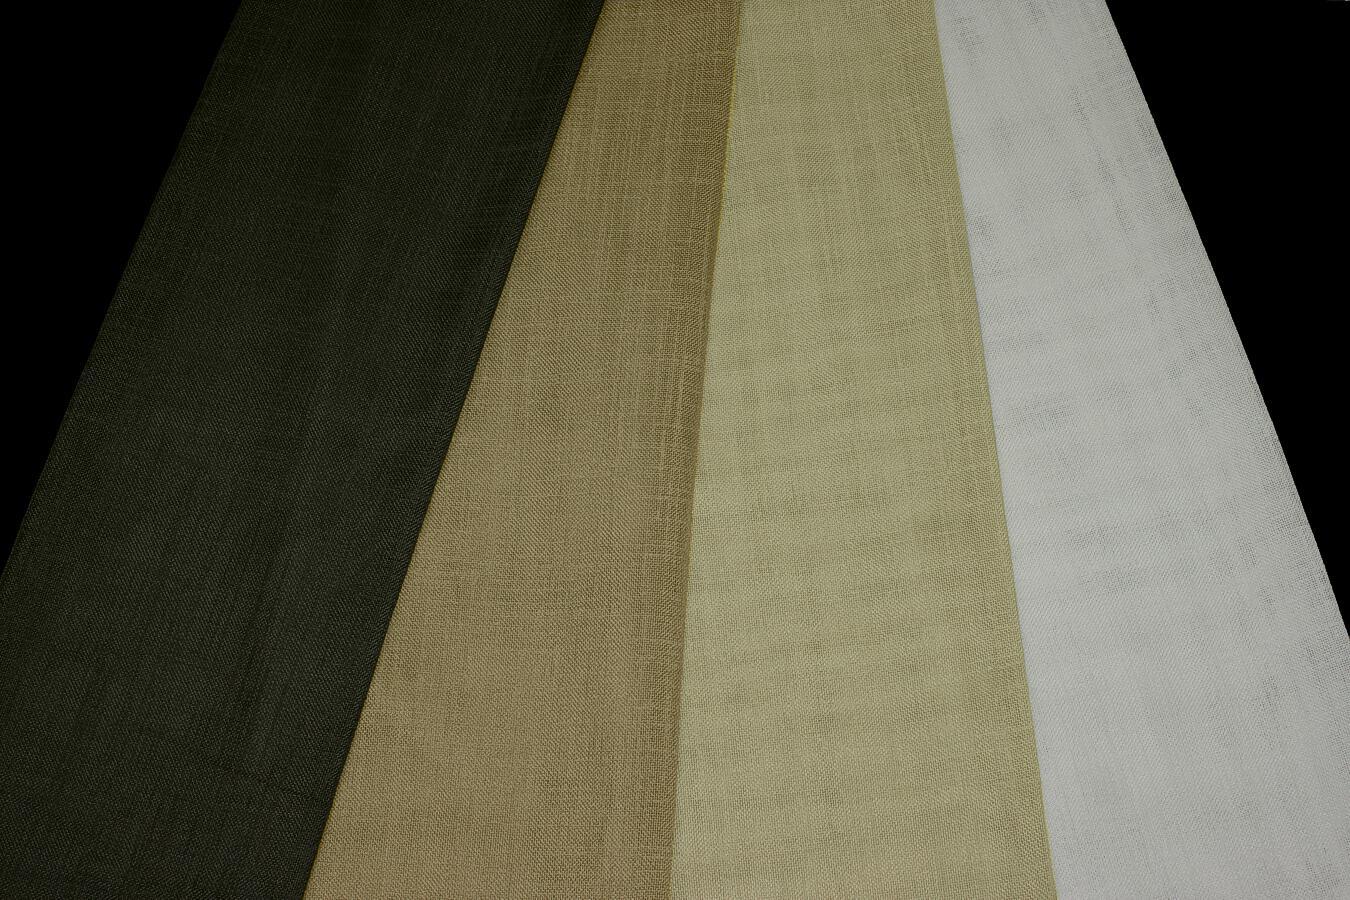 Záclona Hemp Recycle 193 295 cm 5 černá